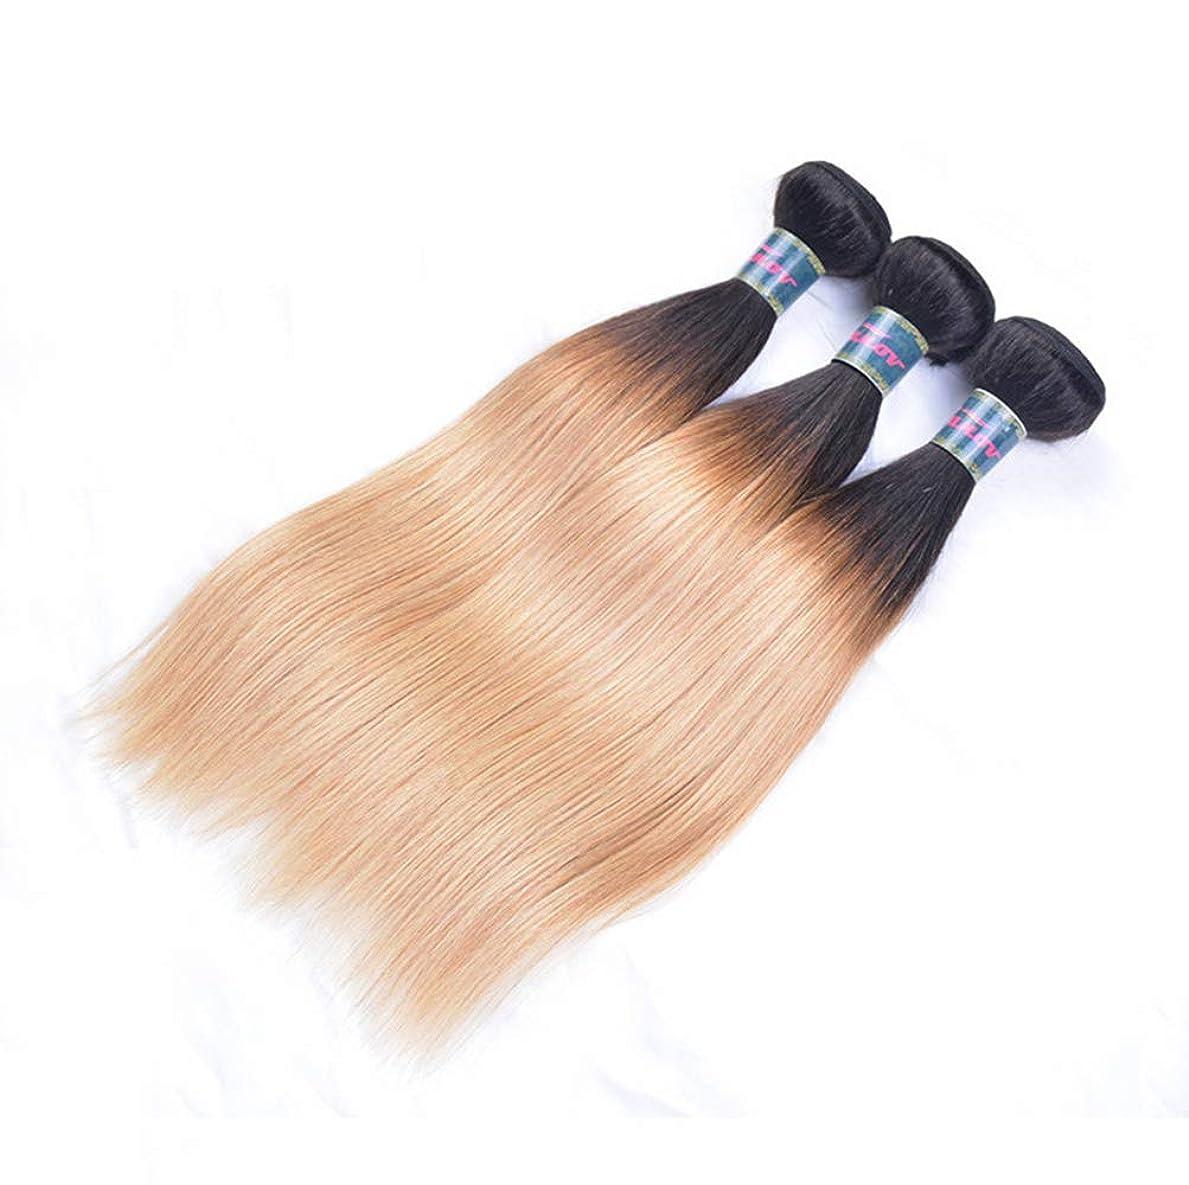 浸漬マイナーダンス毛織り130%密度ストレートヘアバンドルブラジルストレートヘアバンドル人間の髪バンドルブラジルバージンヘアブラックグラデーションゴールド